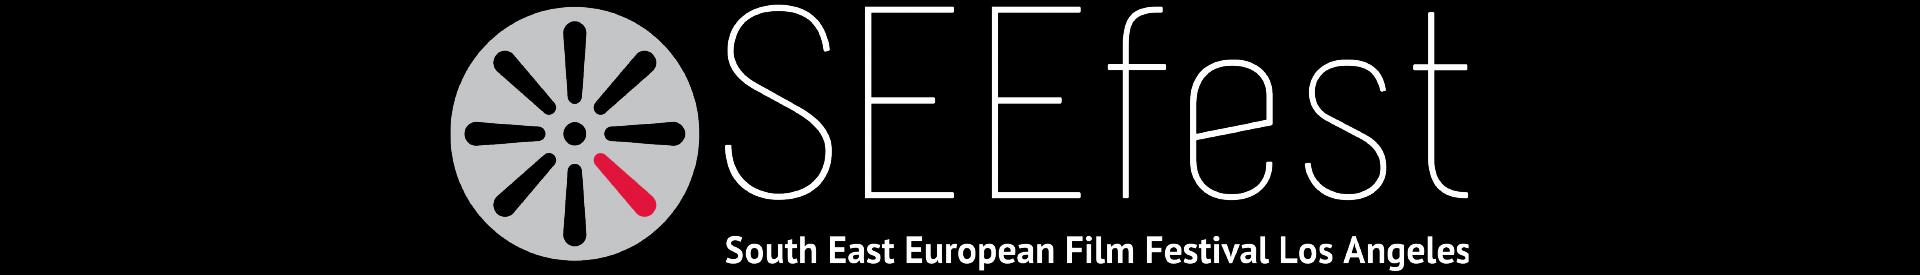 SEEfest2021